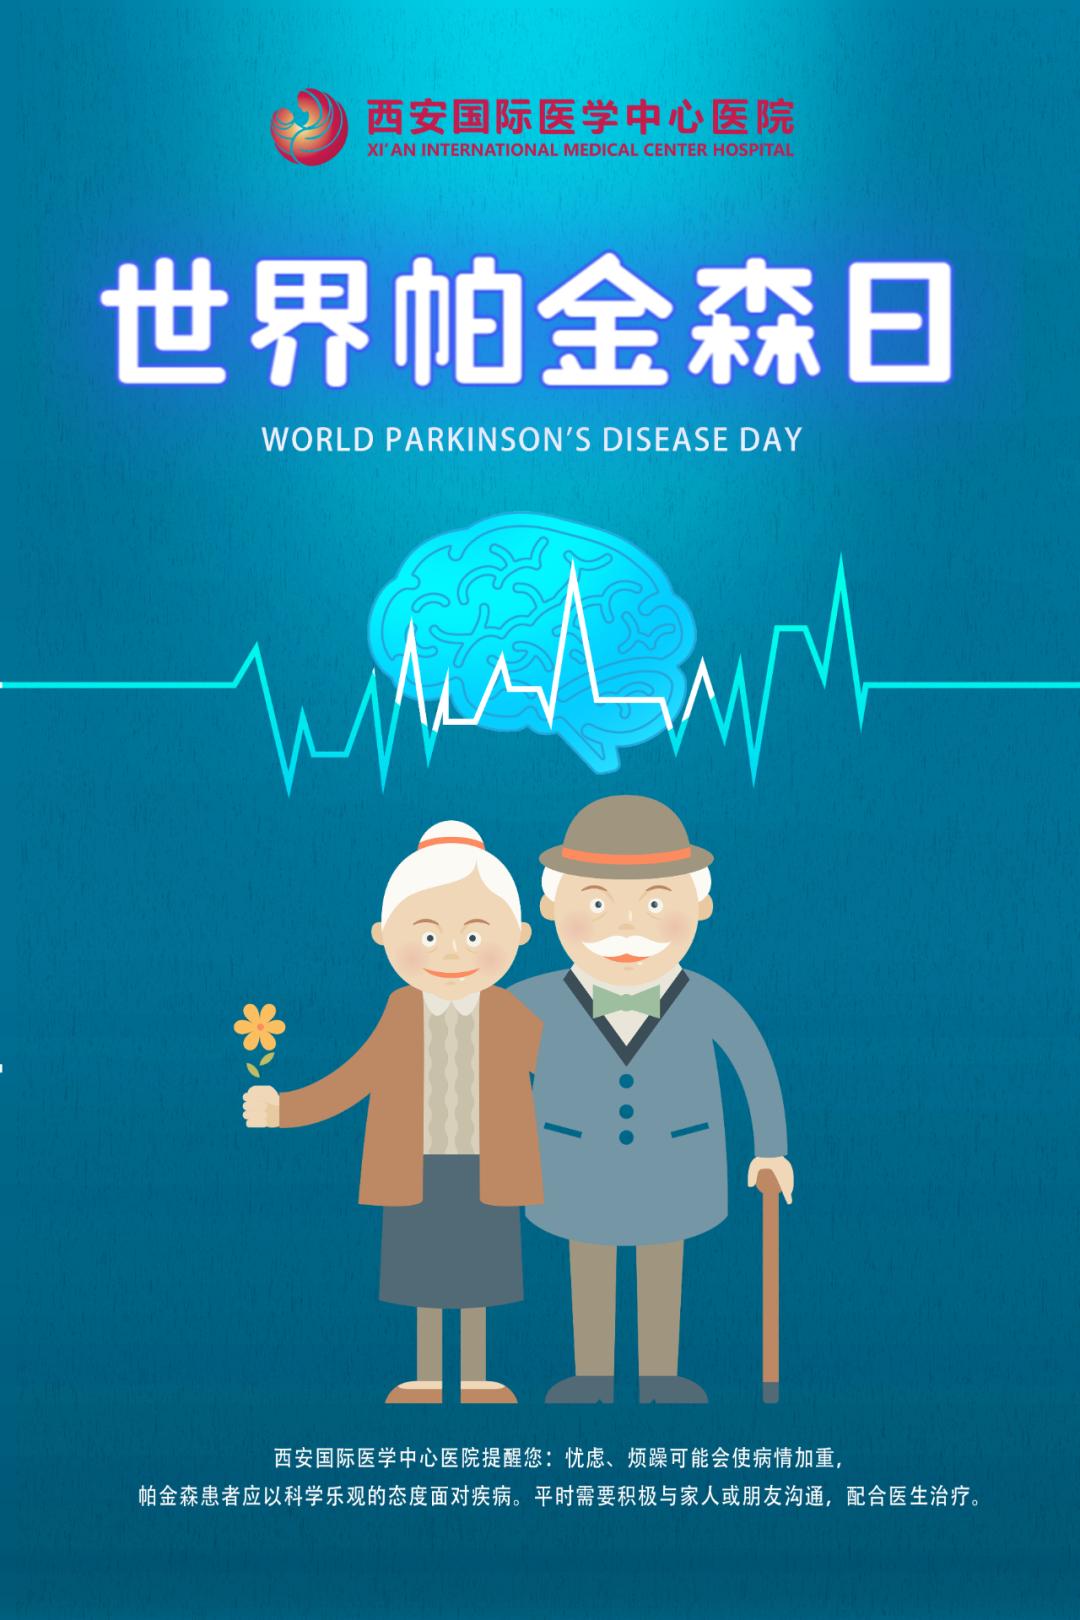 世界帕金森日|别大意,这些症状是帕金森病信号!